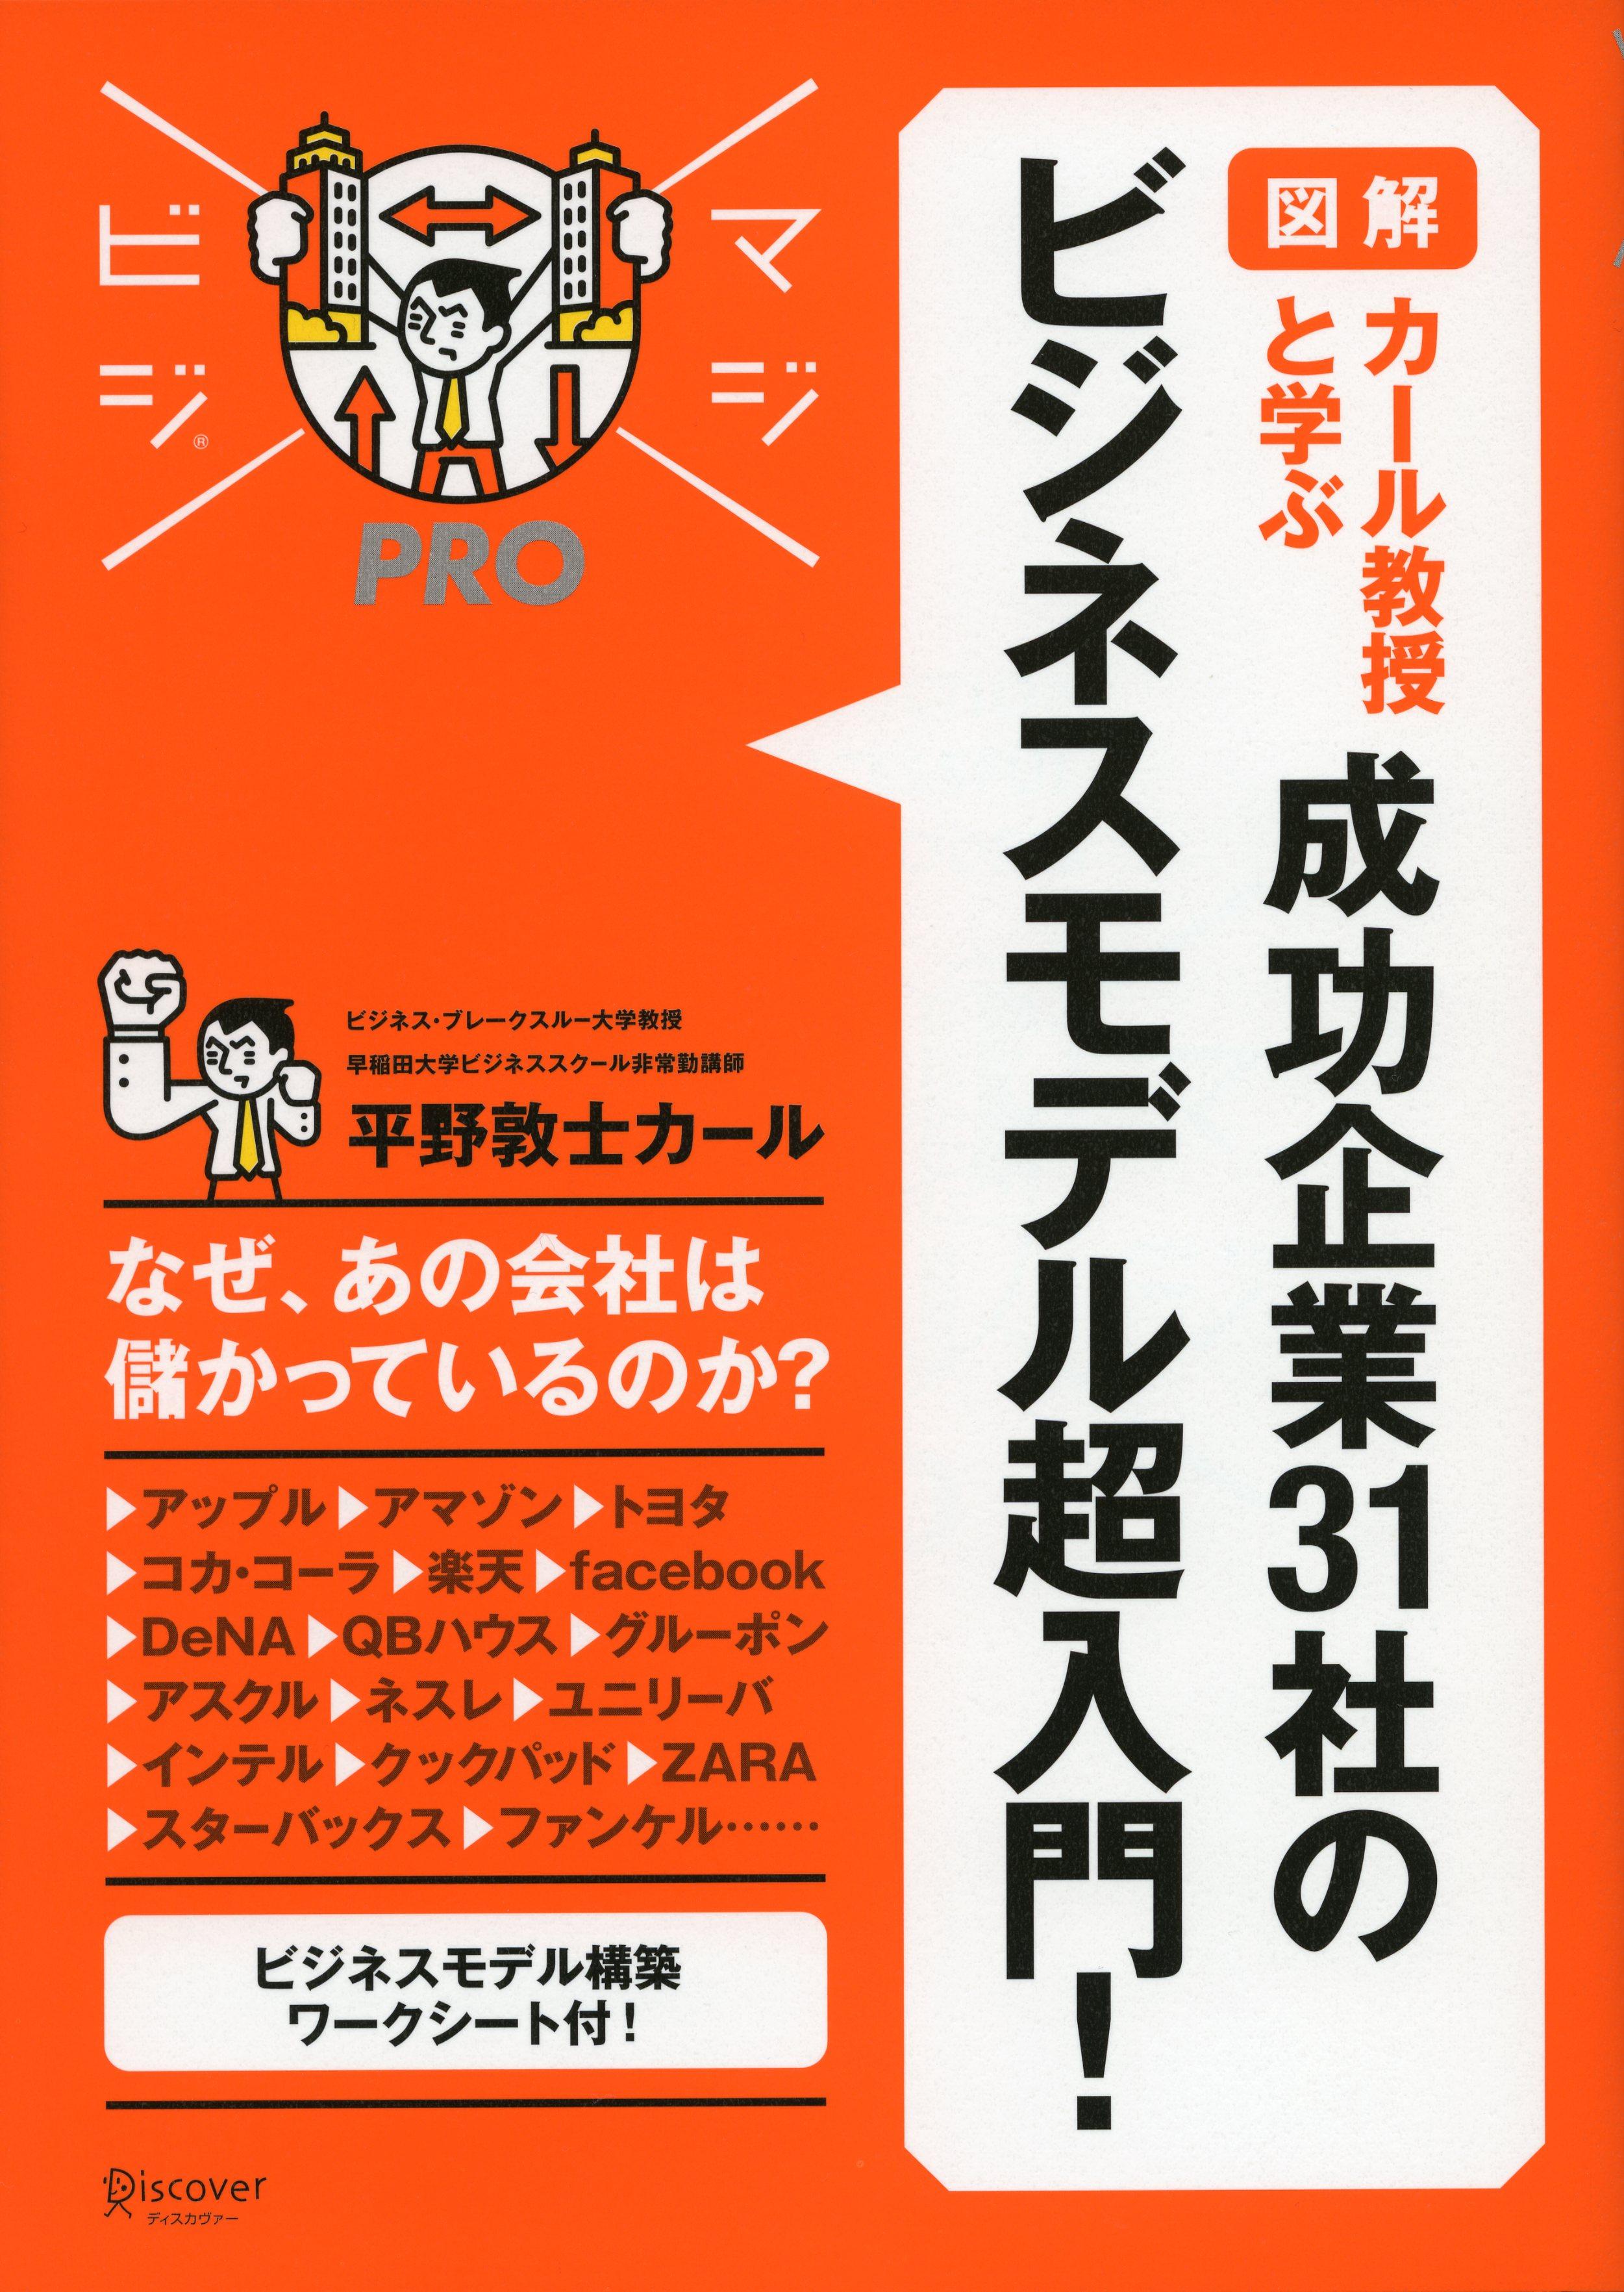 AKB48からアマゾン・アップルまで儲かる仕組みがやさしくわかる「ビジネスモデル超入門」発売前に増刷決定!